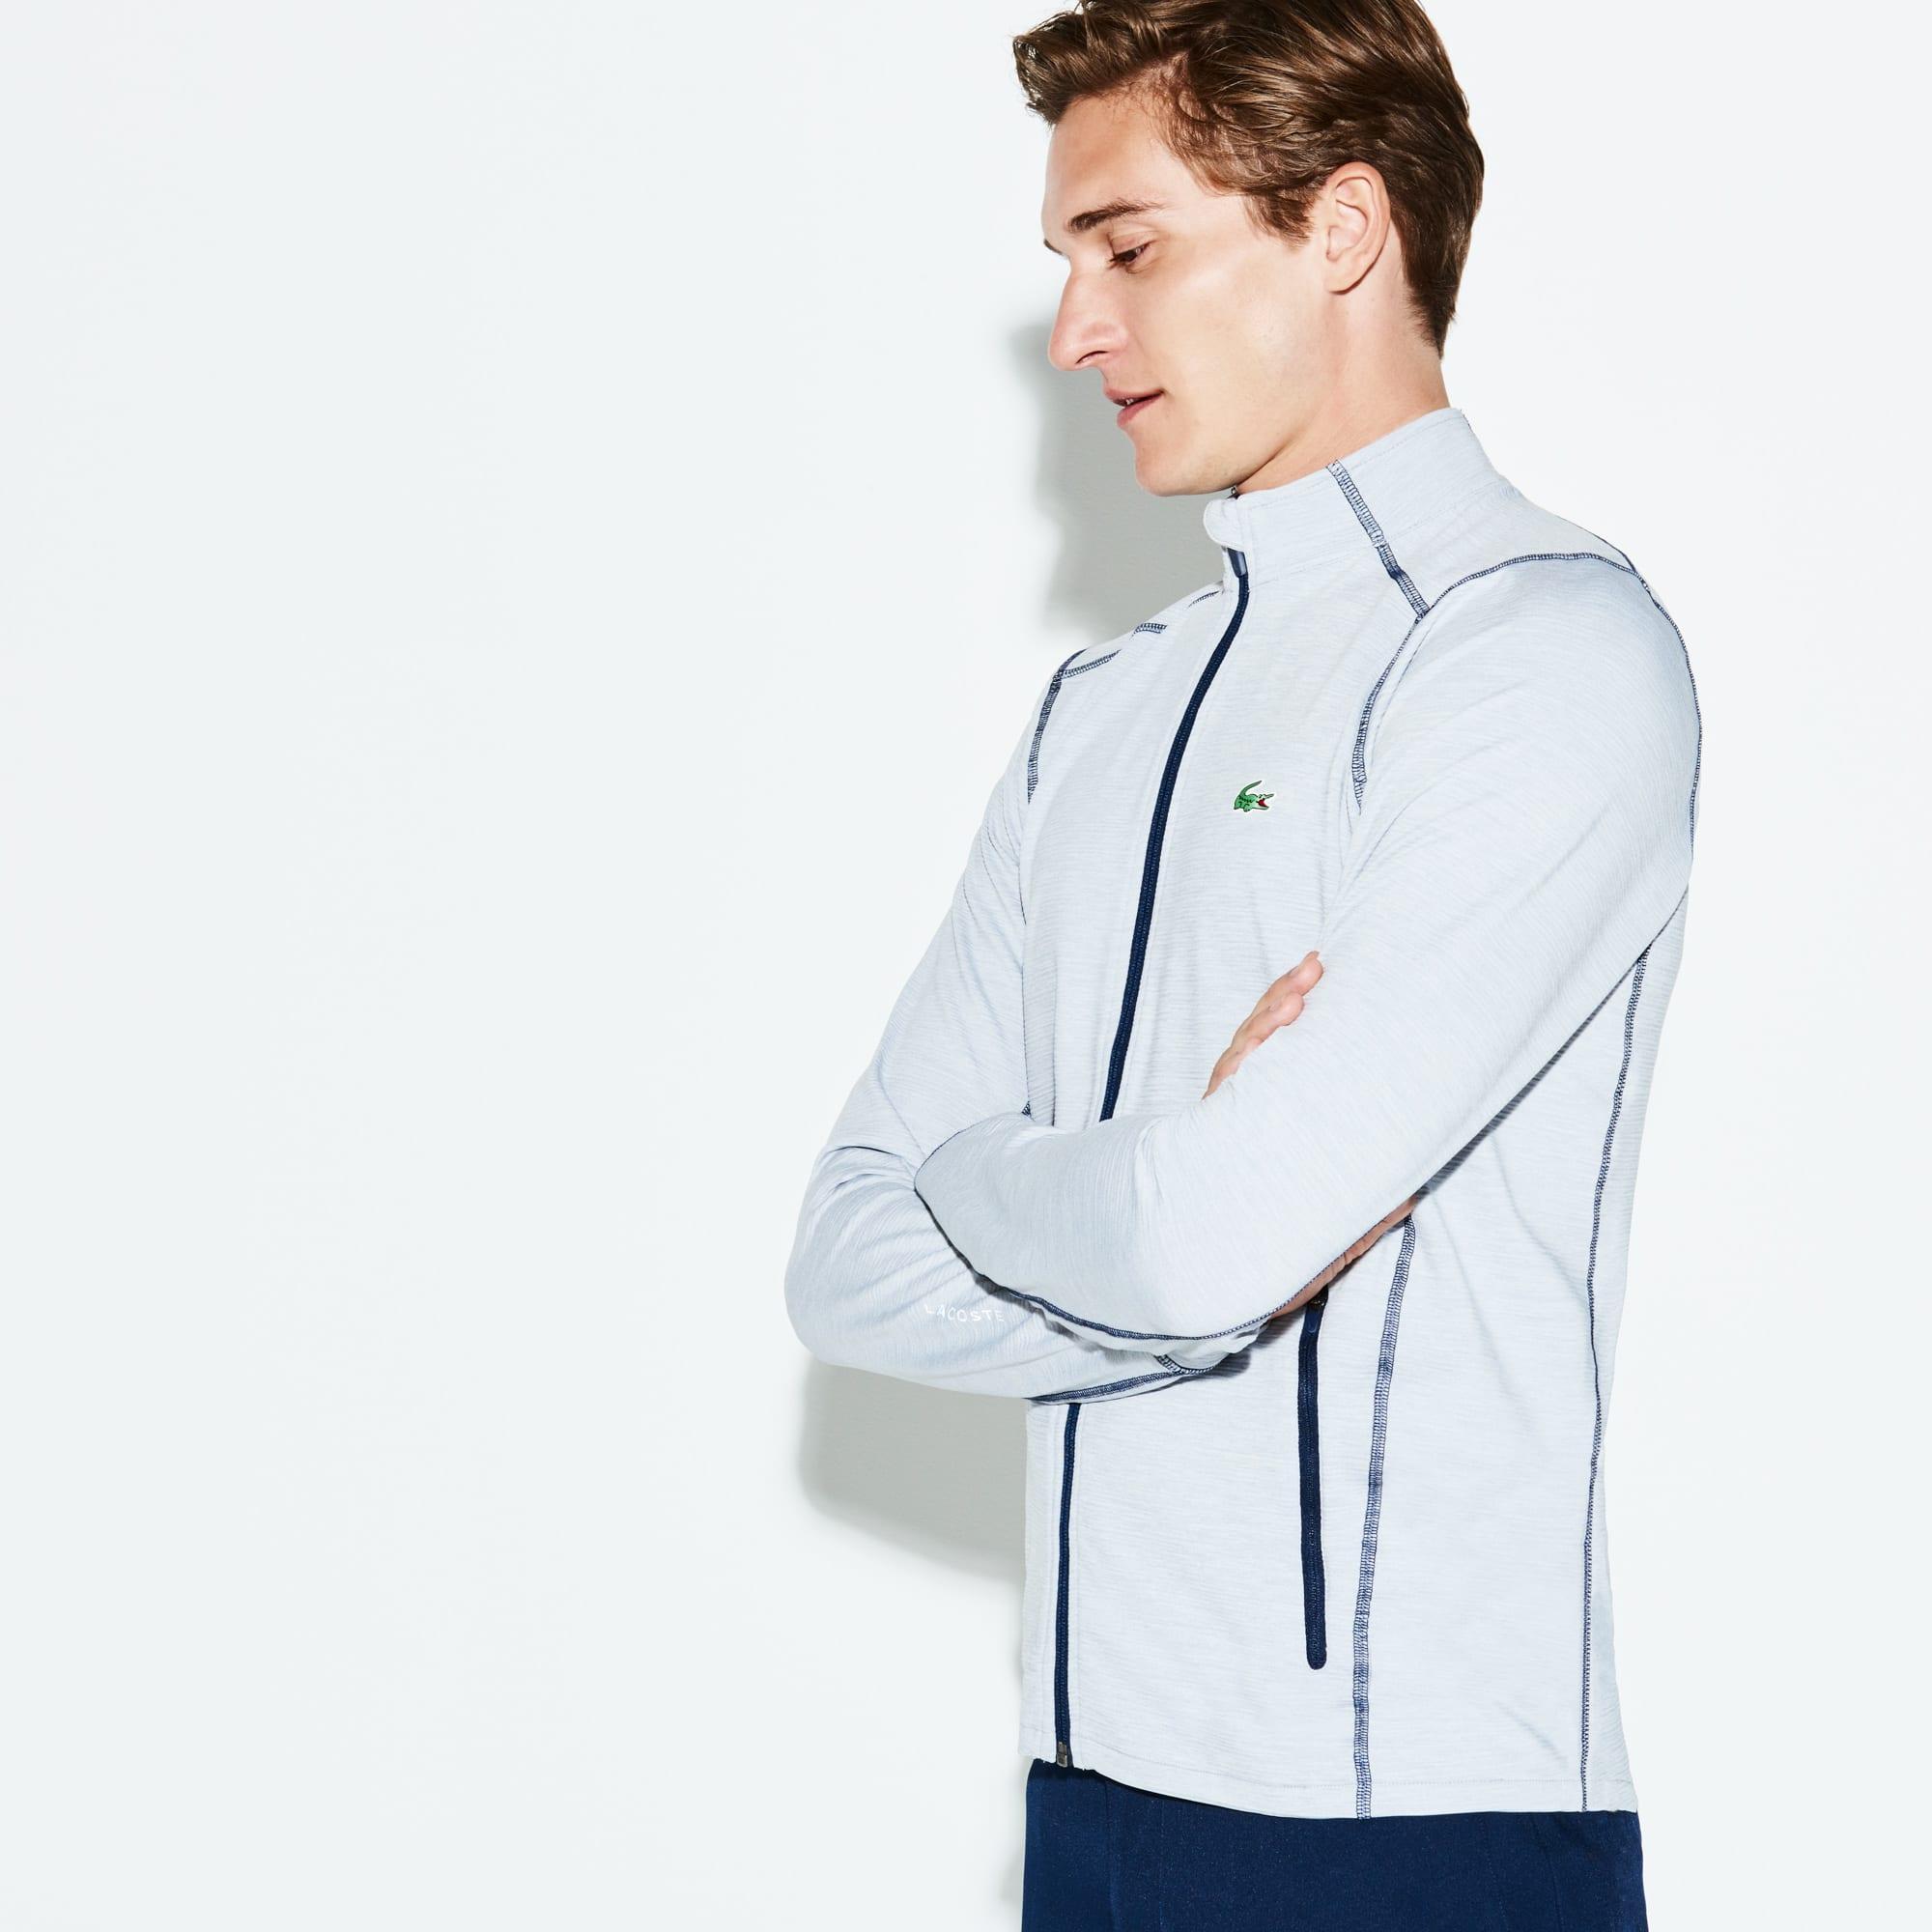 Men's Lacoste SPORT Tech Flamme Midlayer Zip Golf Sweatshirt